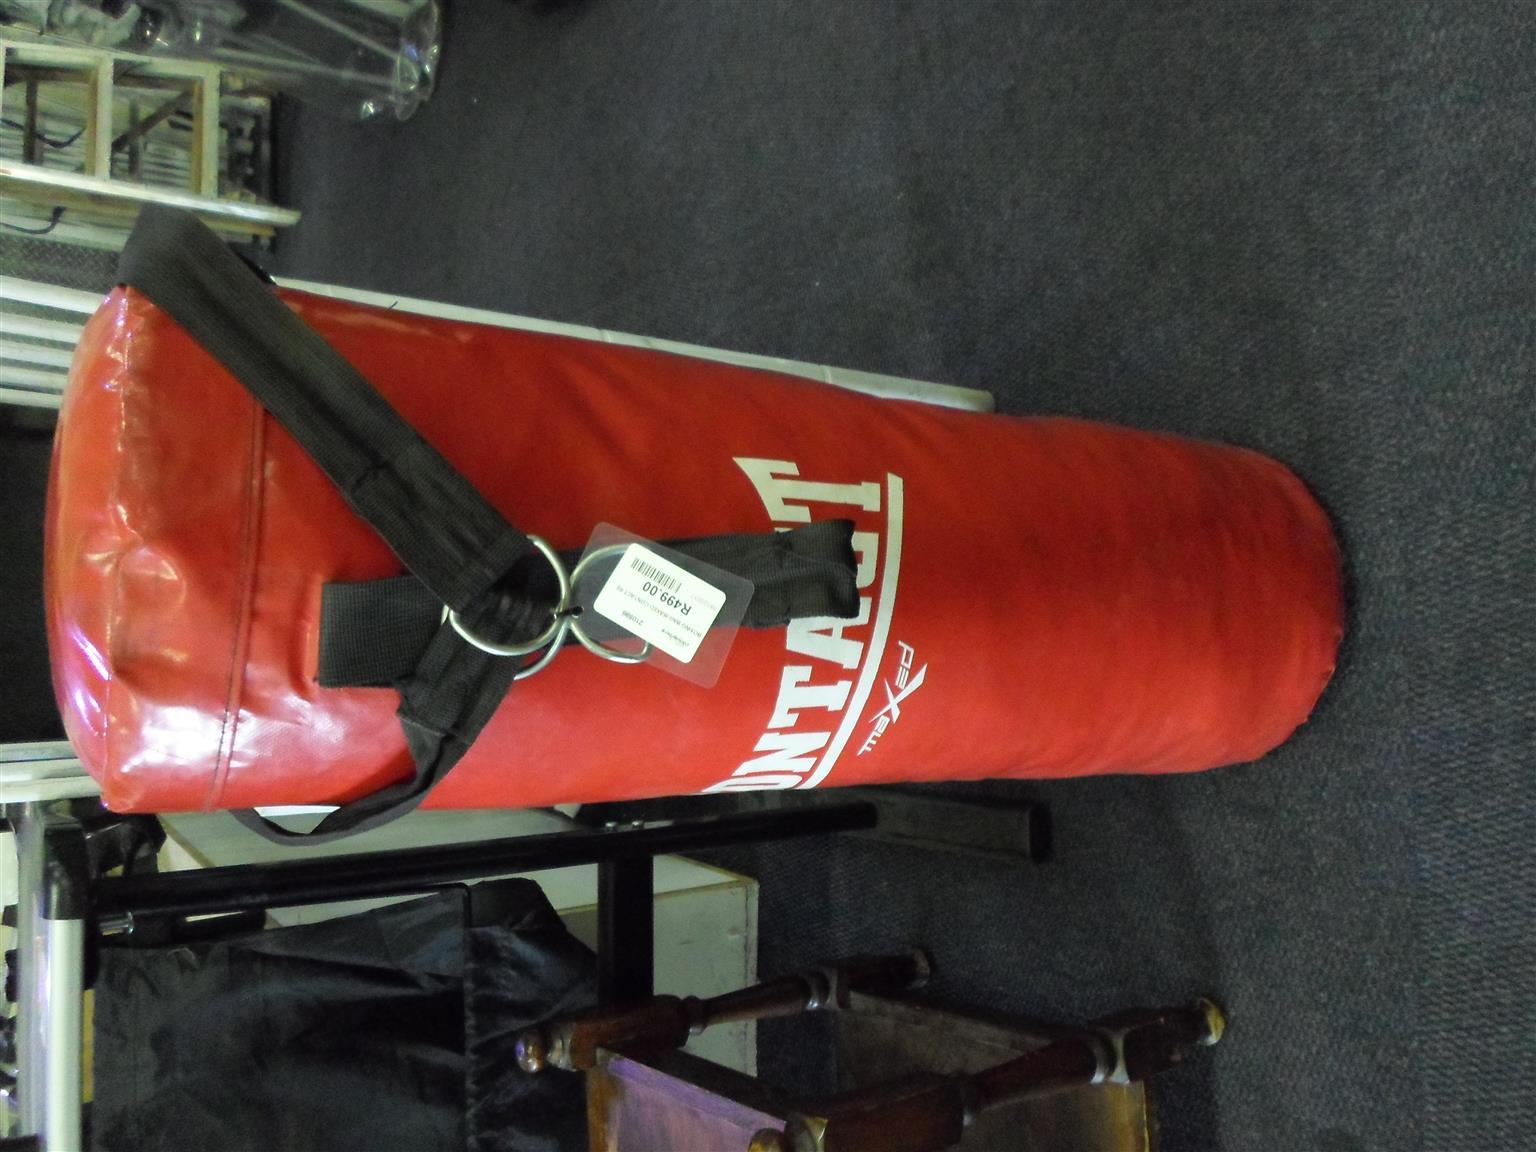 Contact Maxed Boxing Bag